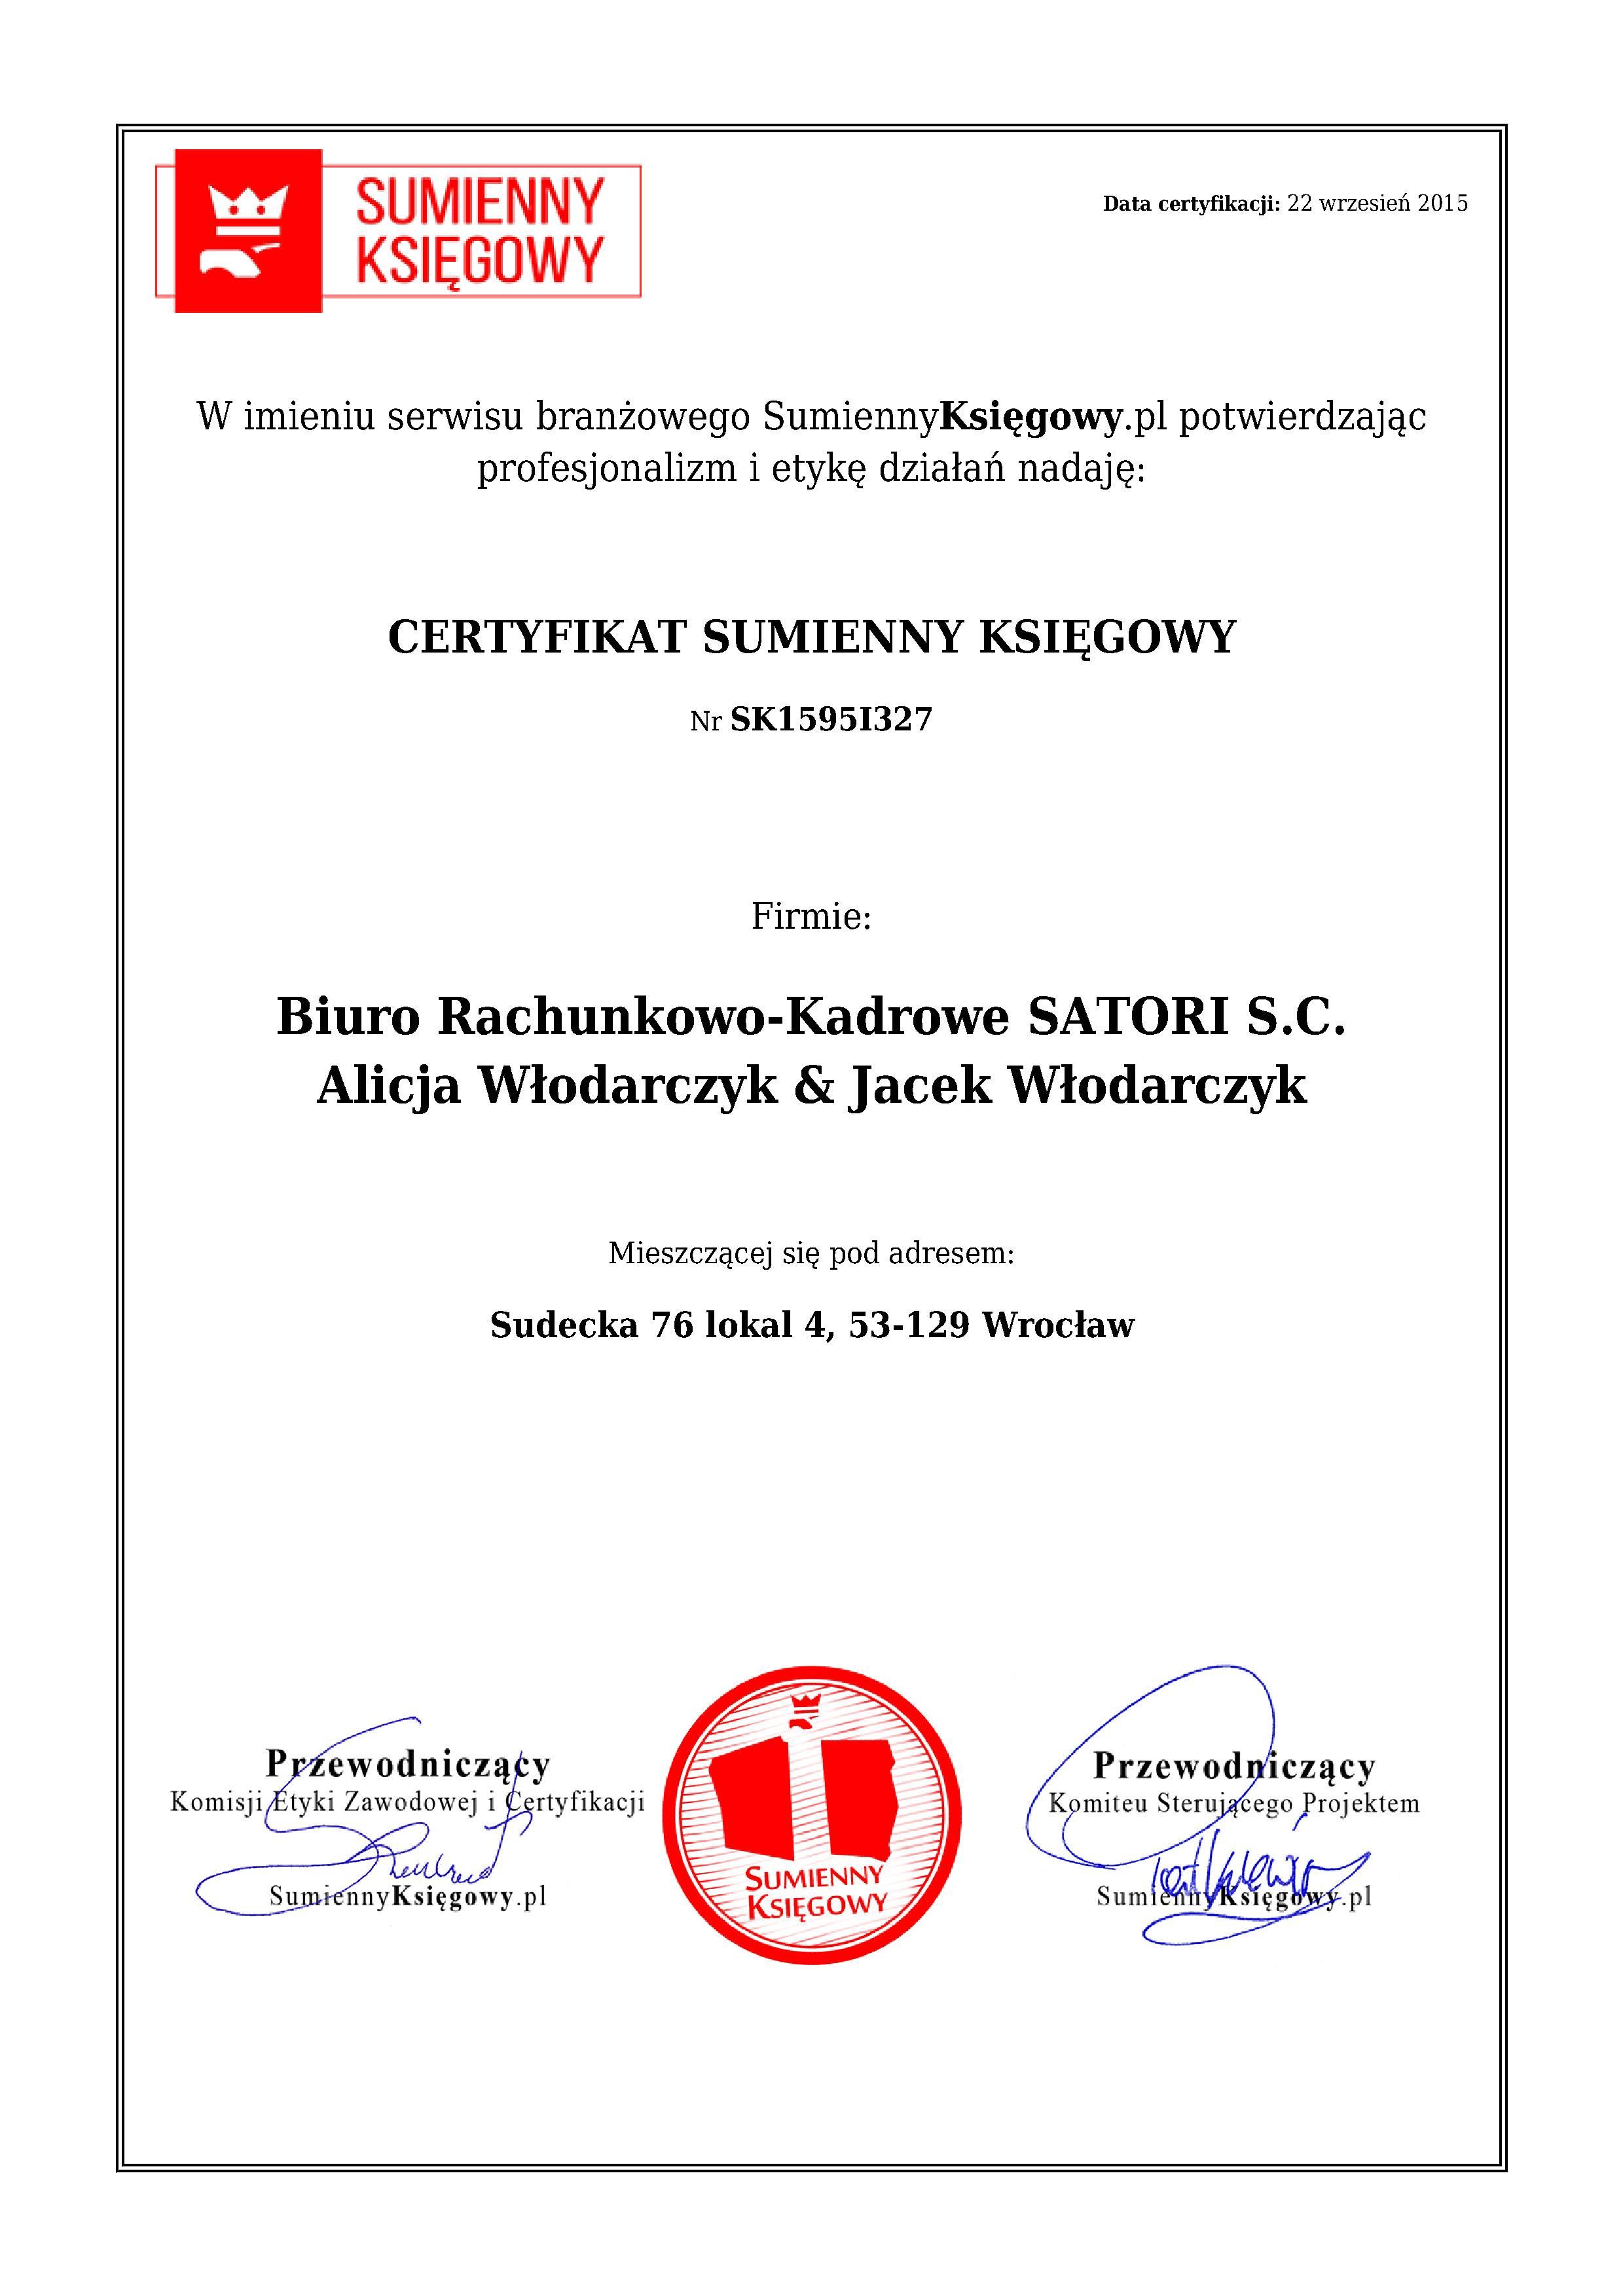 Certyfikat Biuro Rachunkowo-Kadrowe SATORI S.C. Alicja Włodarczyk & Jacek Włodarczyk